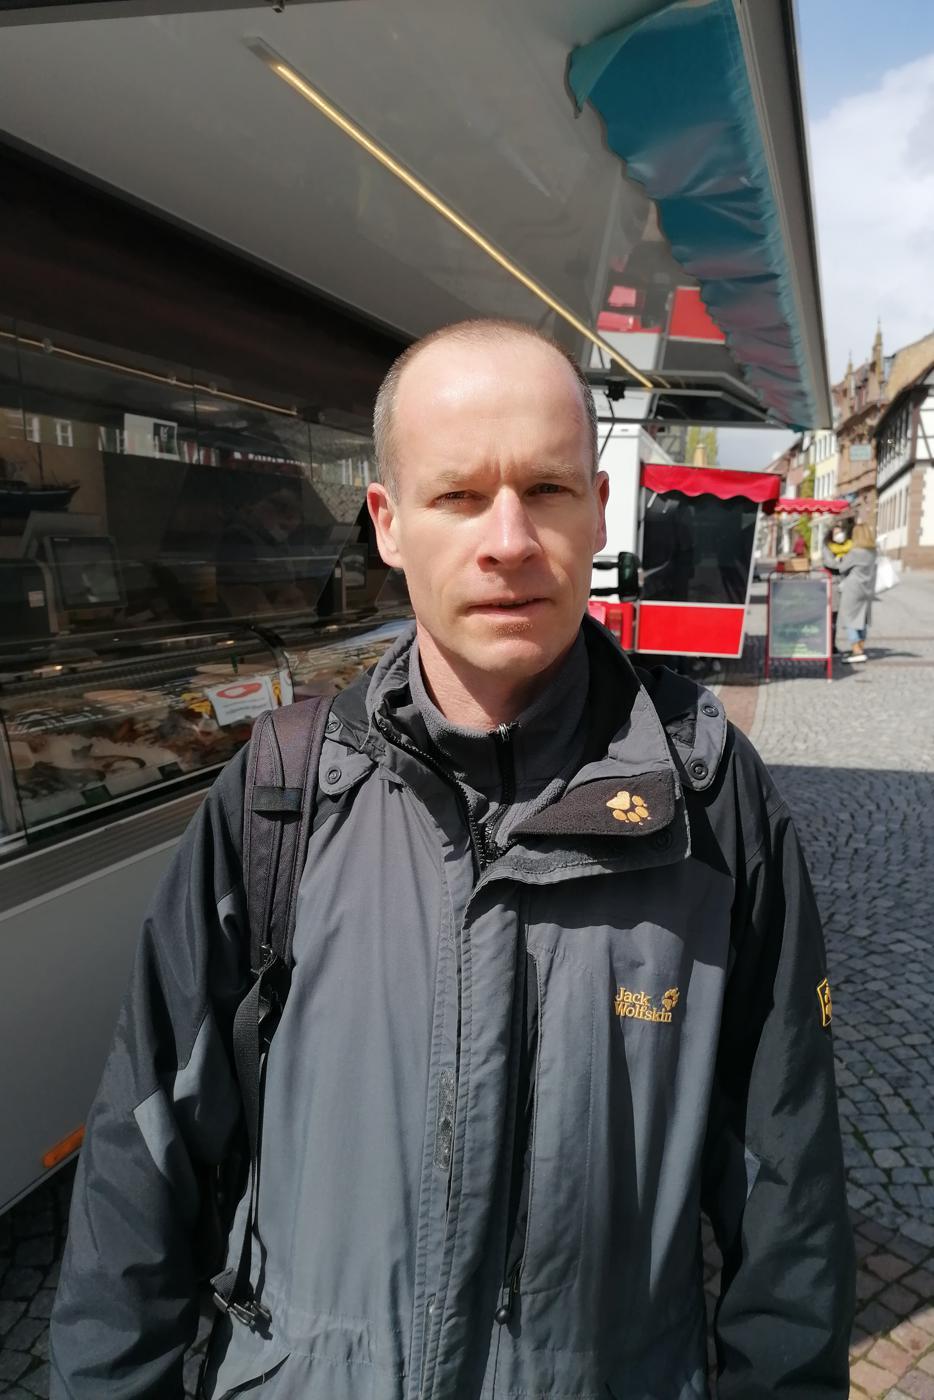 Mann in Fußgängerzone